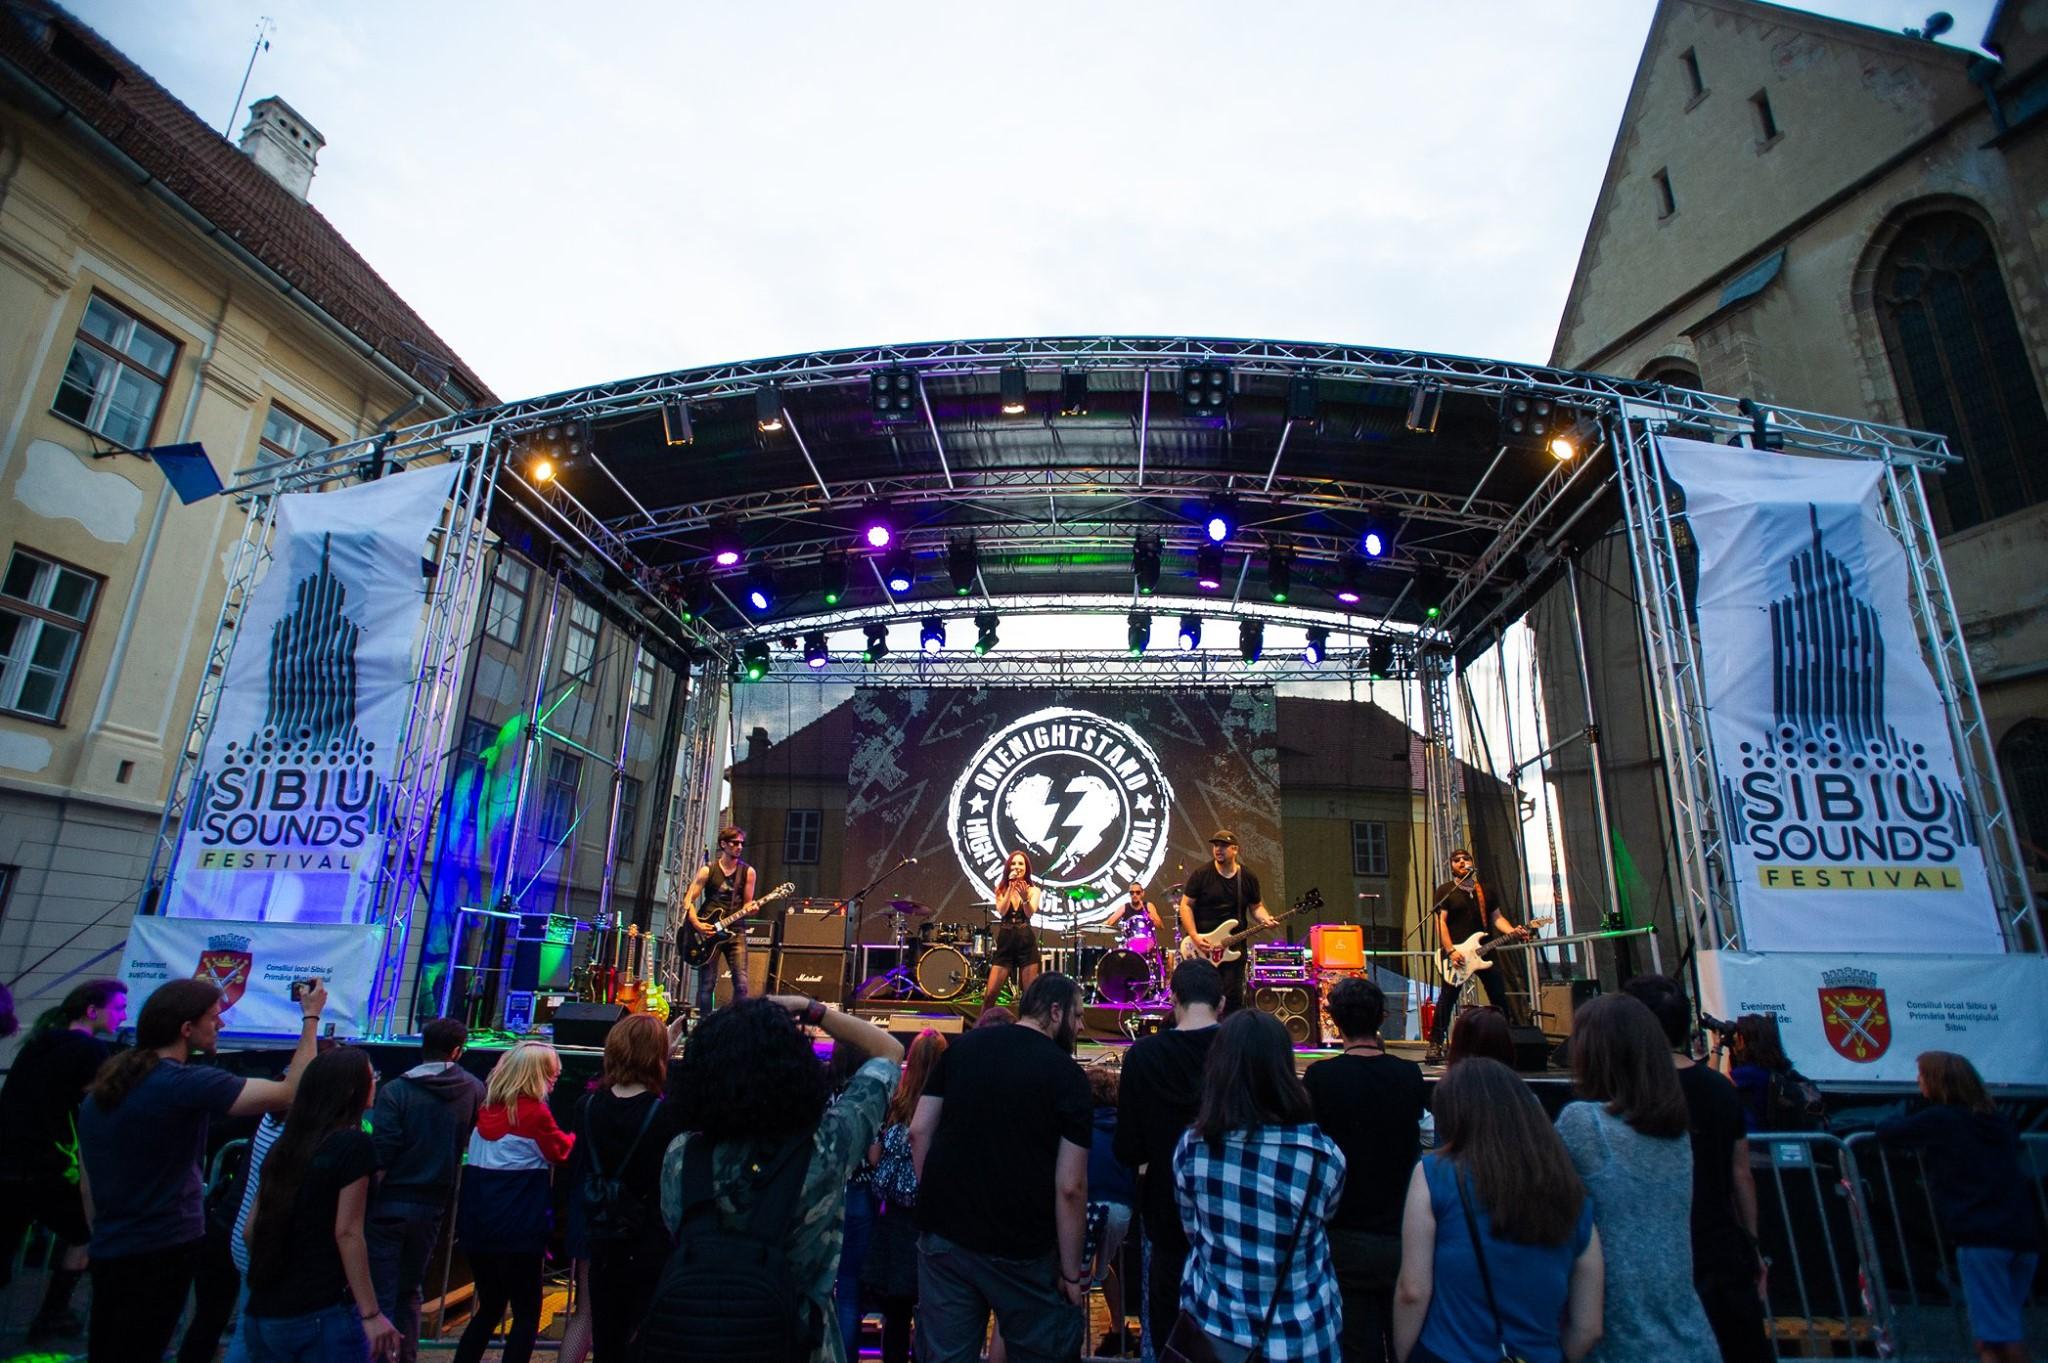 Artiștii sibieni revin pe scena Sibiu Sounds Festival